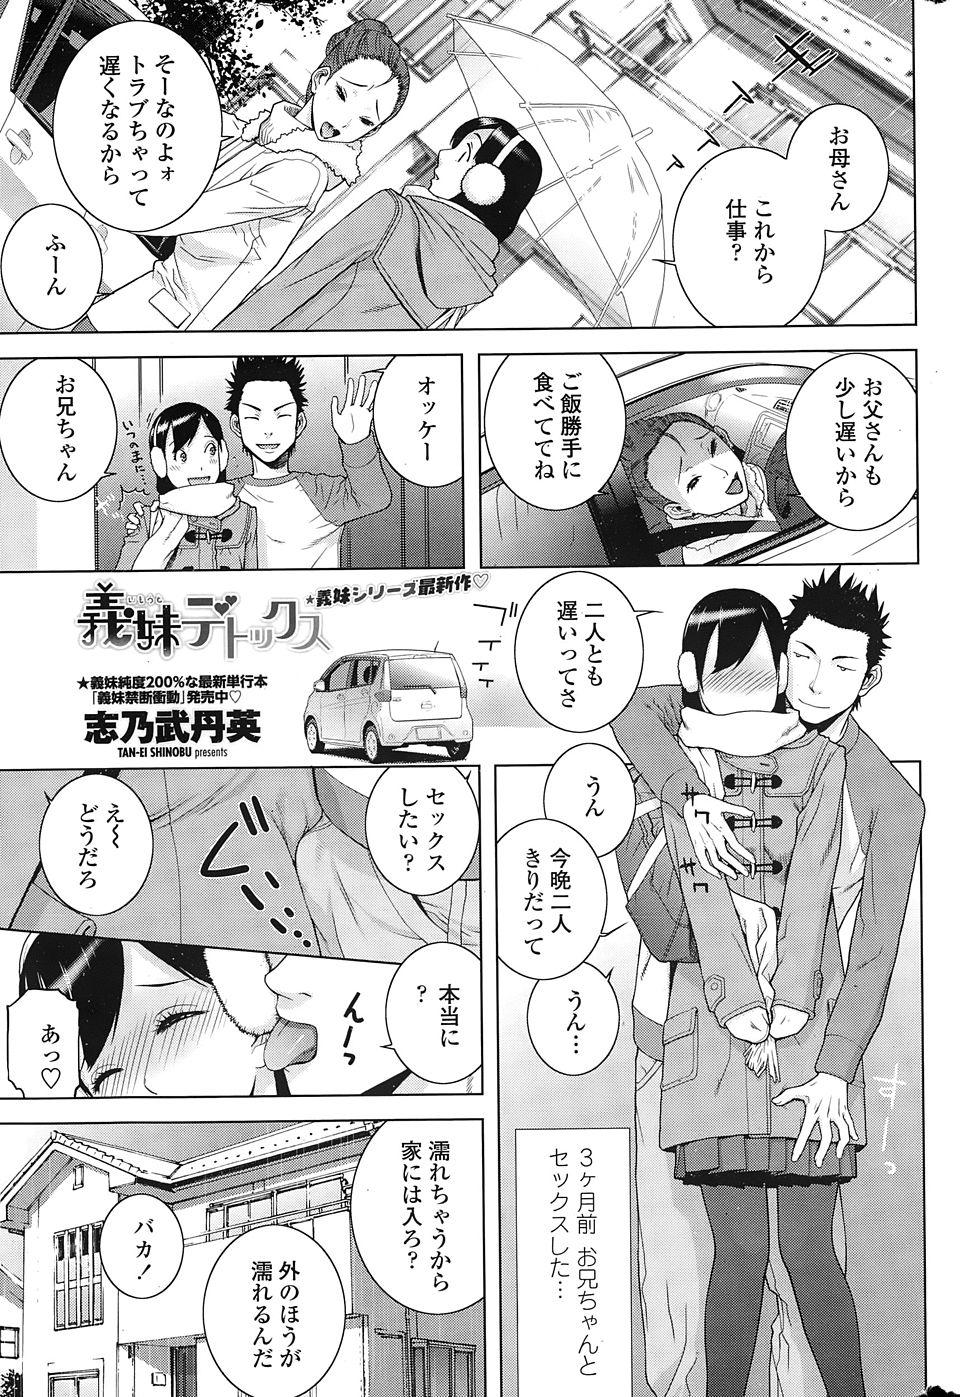 【エロ漫画・エロ同人】AVみたいに女をイカせるのが好きな義兄にイカされまくる巨乳義妹www1)